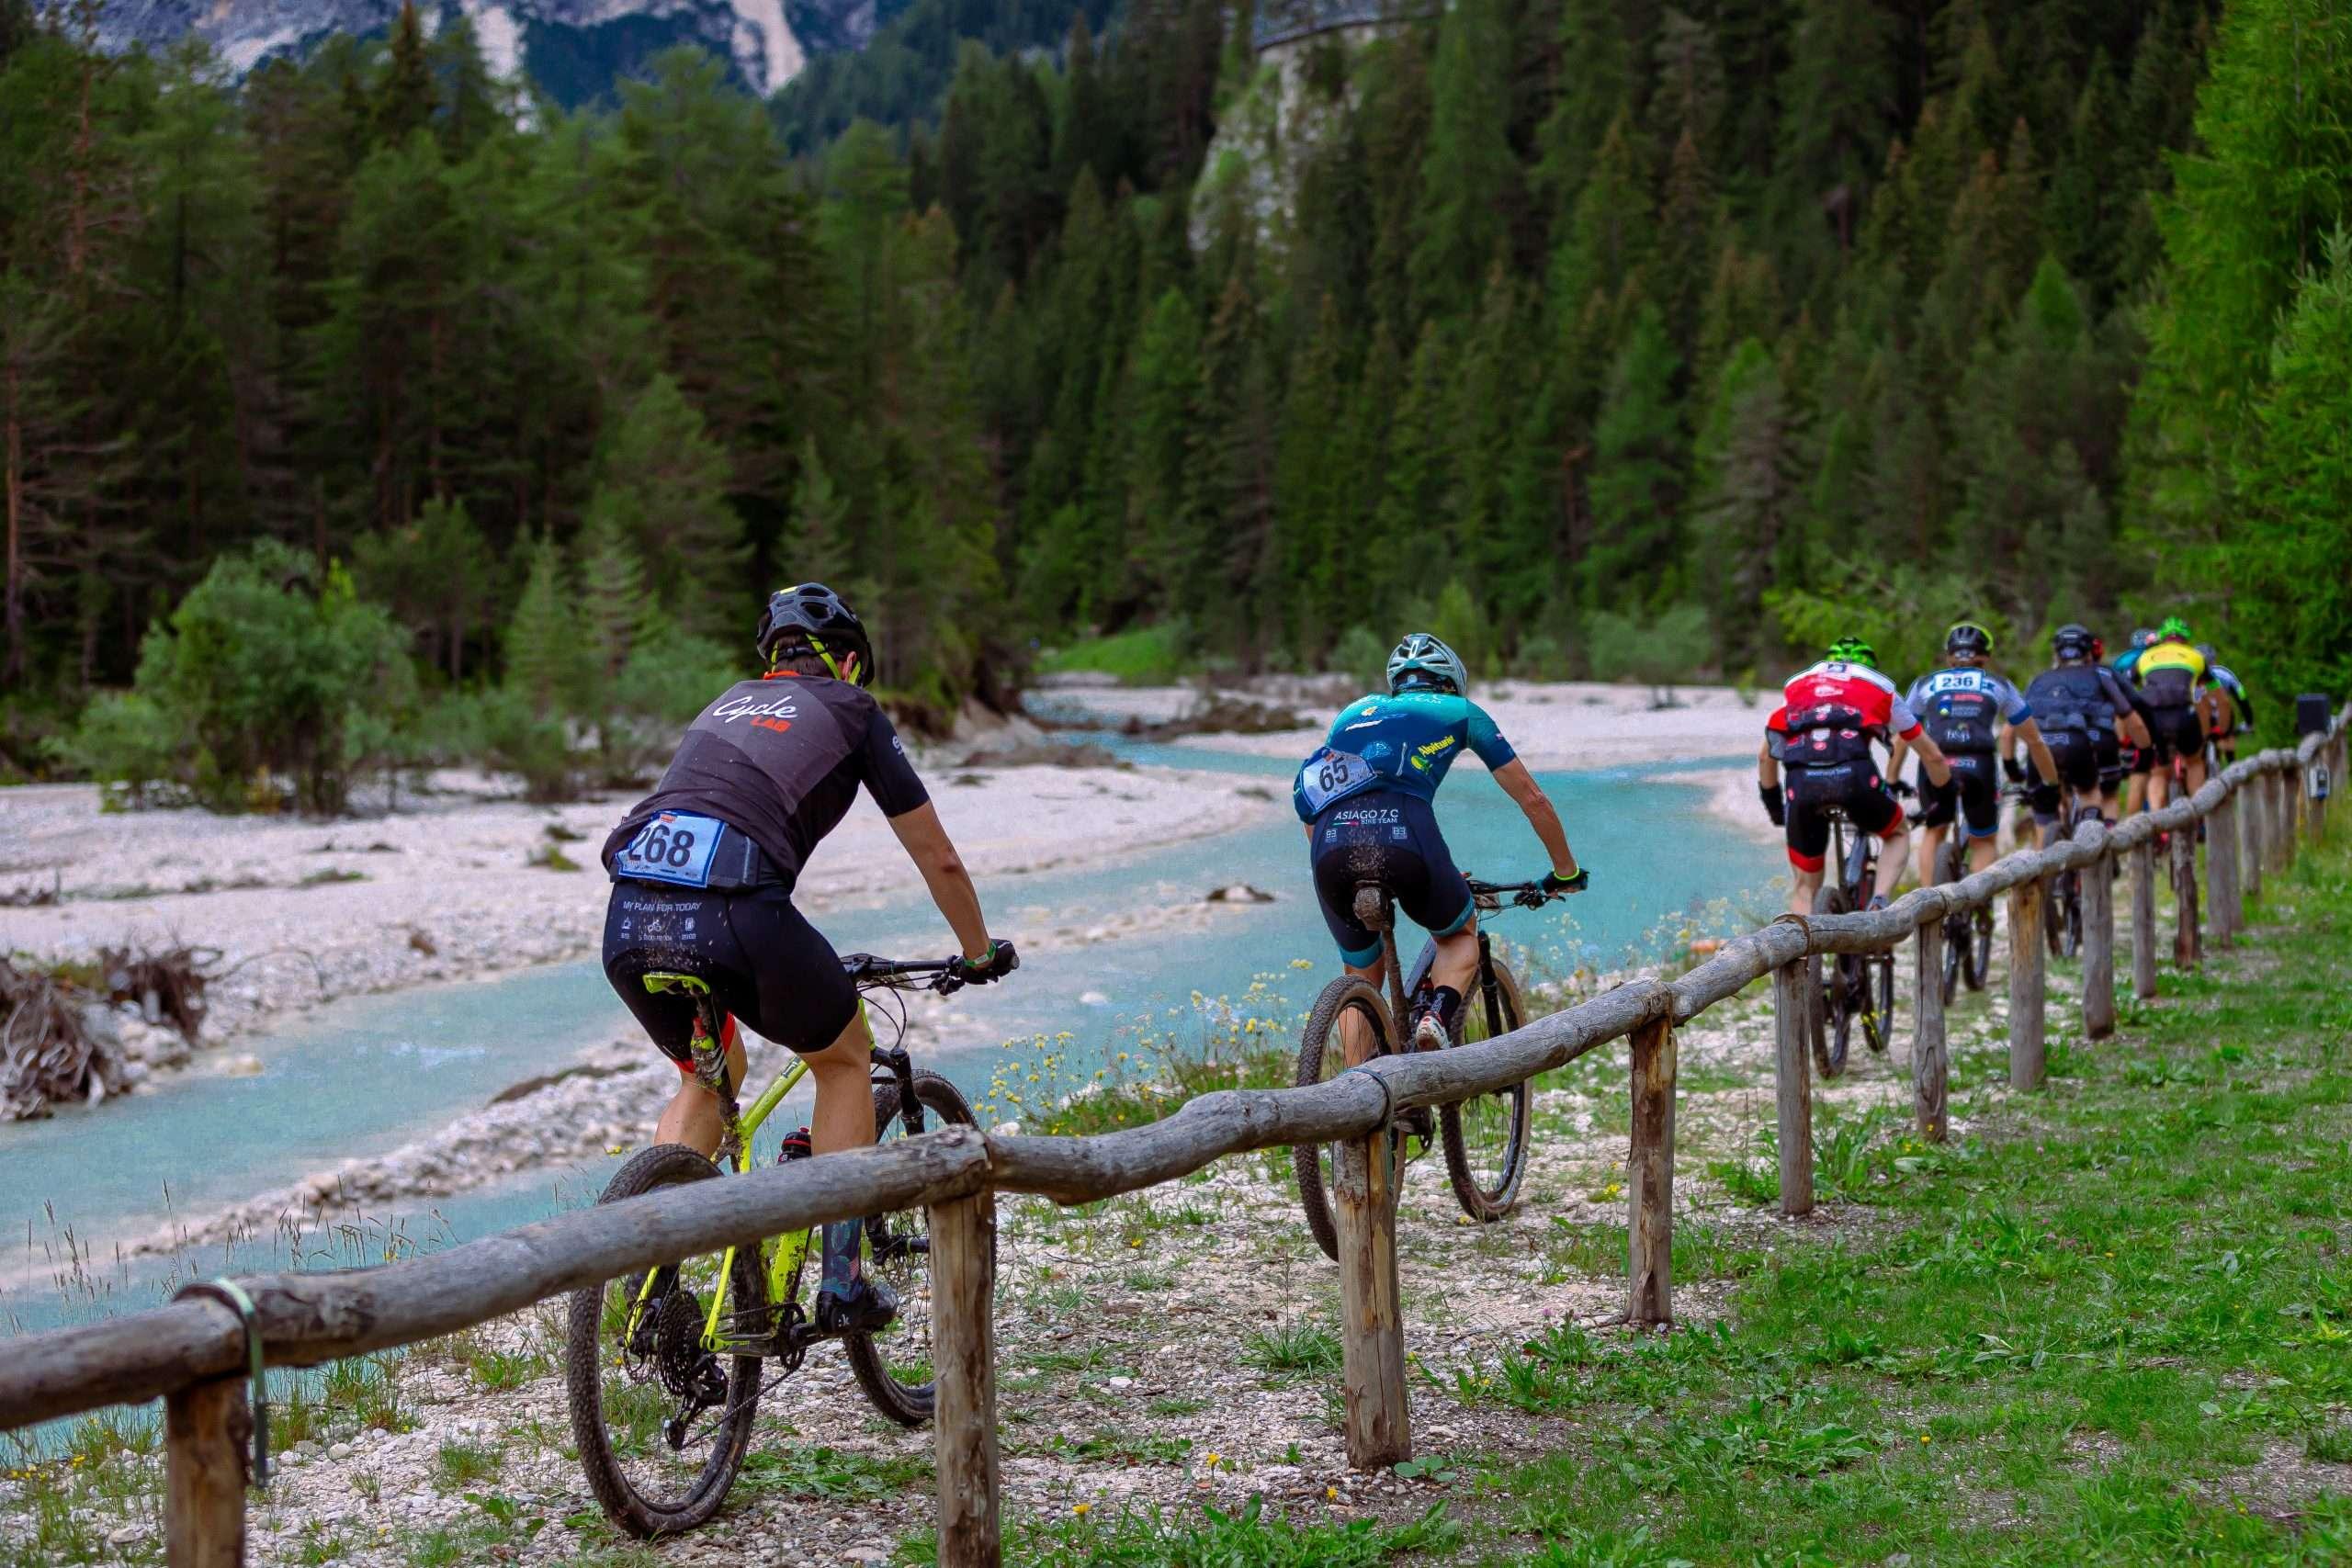 Cortina d'Ampezzo (BL), 17 luglio 2021. Cortina Trophy 2021. Nella foto: